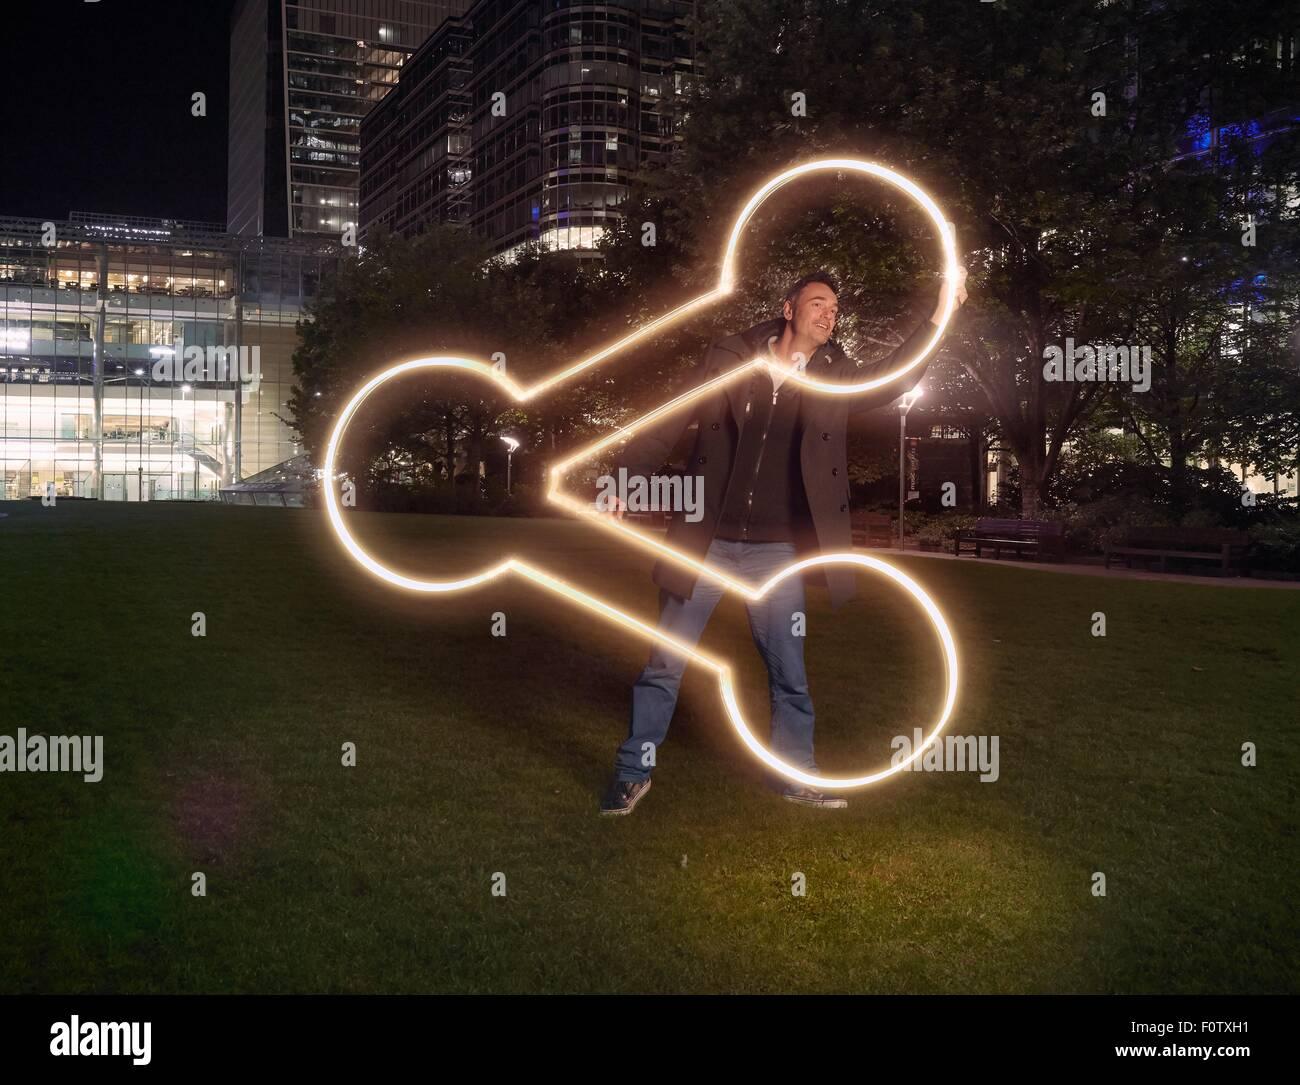 La pittura dell'artista condividere simbolo fuori ufficio edificio di notte Immagini Stock